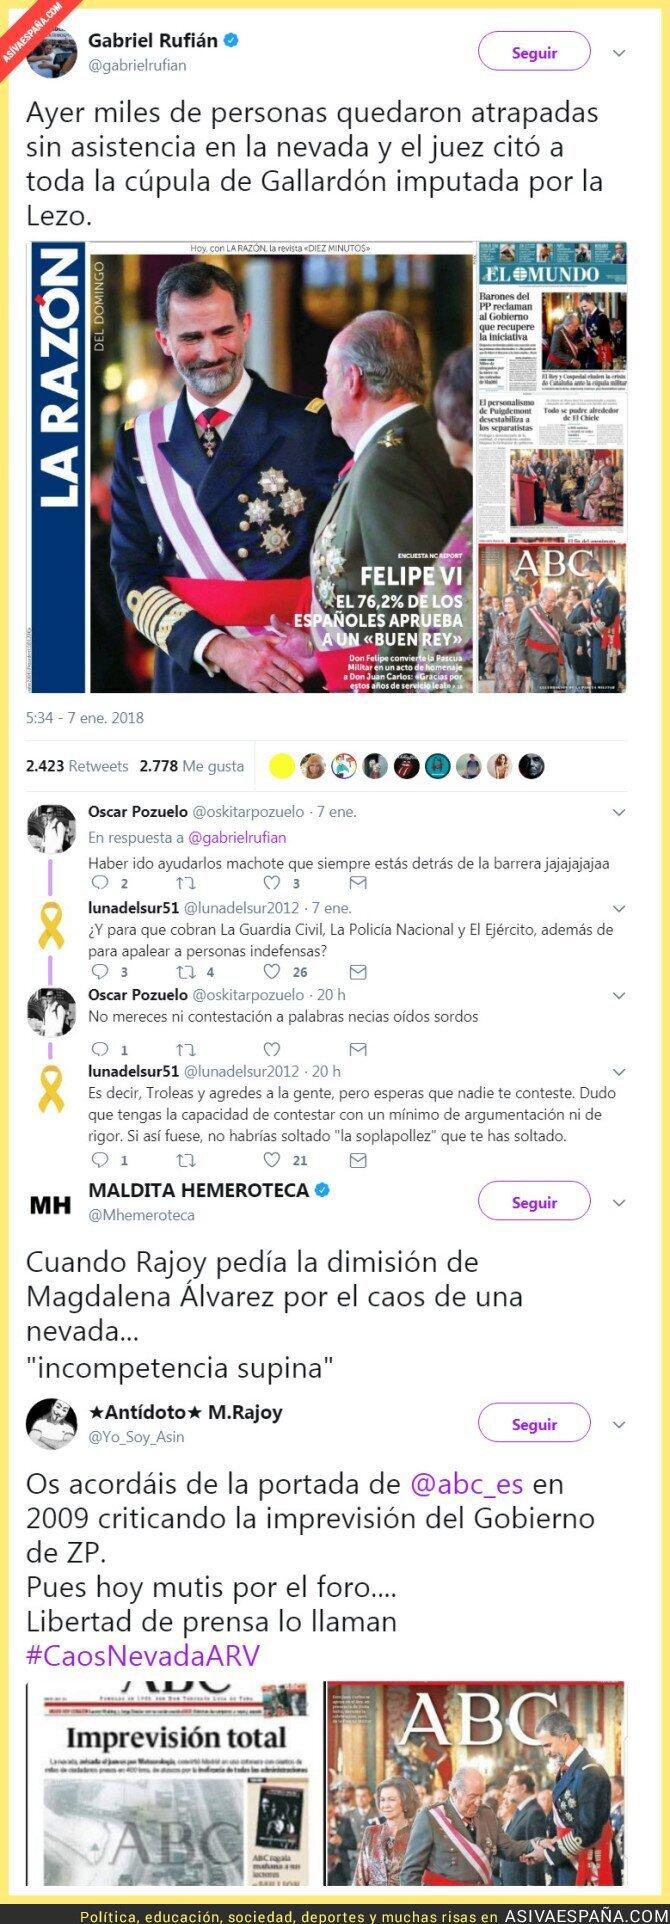 81140 - Las culpas ahora de los conductores, en 2009 de Zapatero